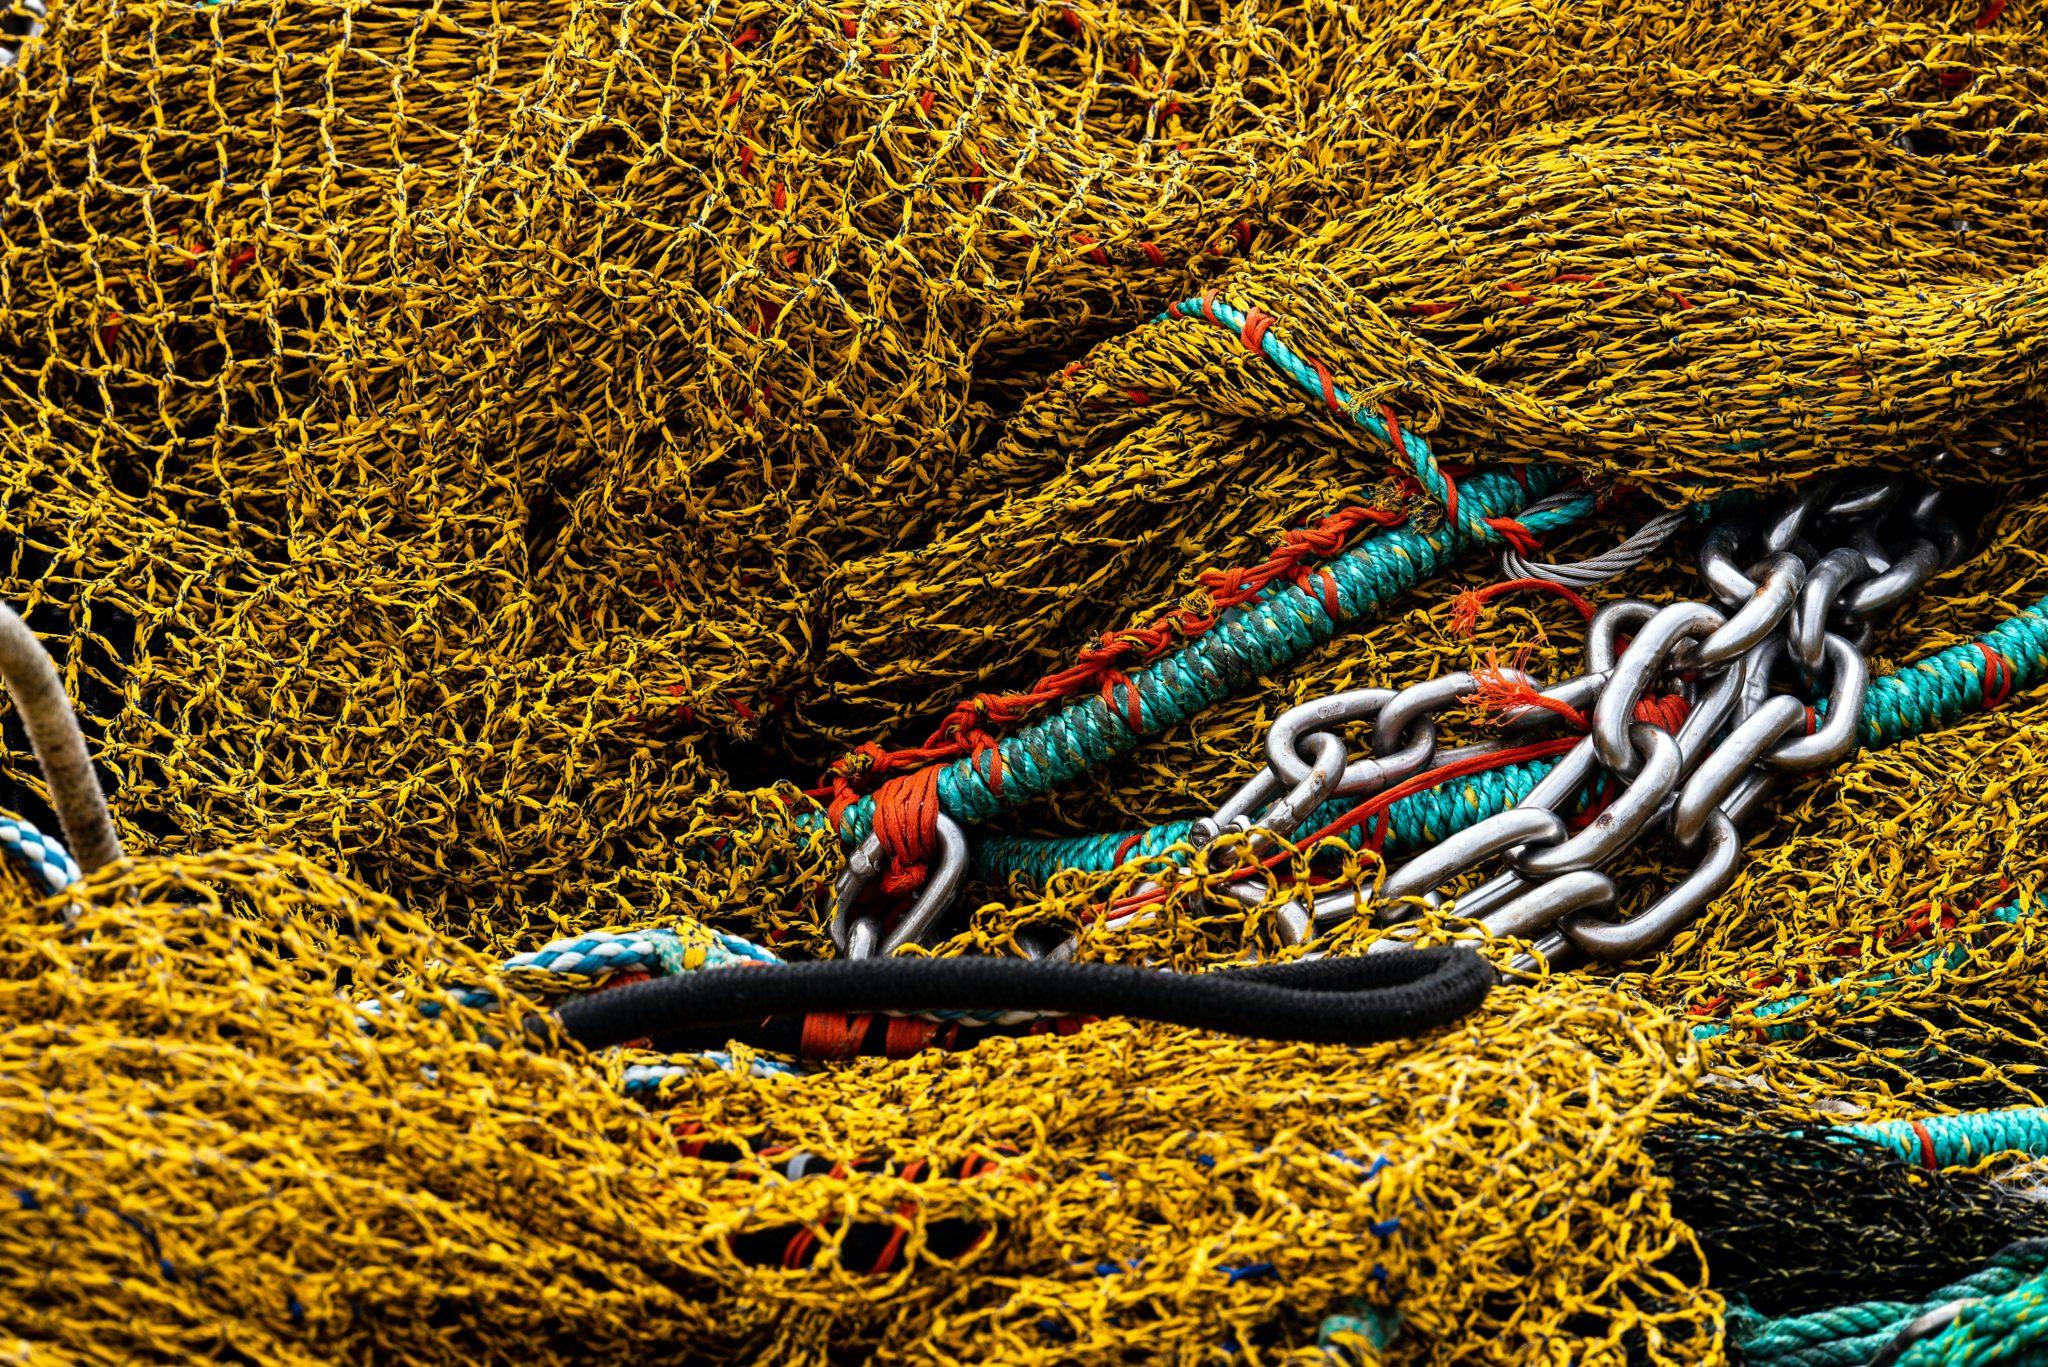 Grundschleppnetzfischerei: Nahaufnahme eines gelben Fischernetzes. Stahlketten und Seile liegen darüber